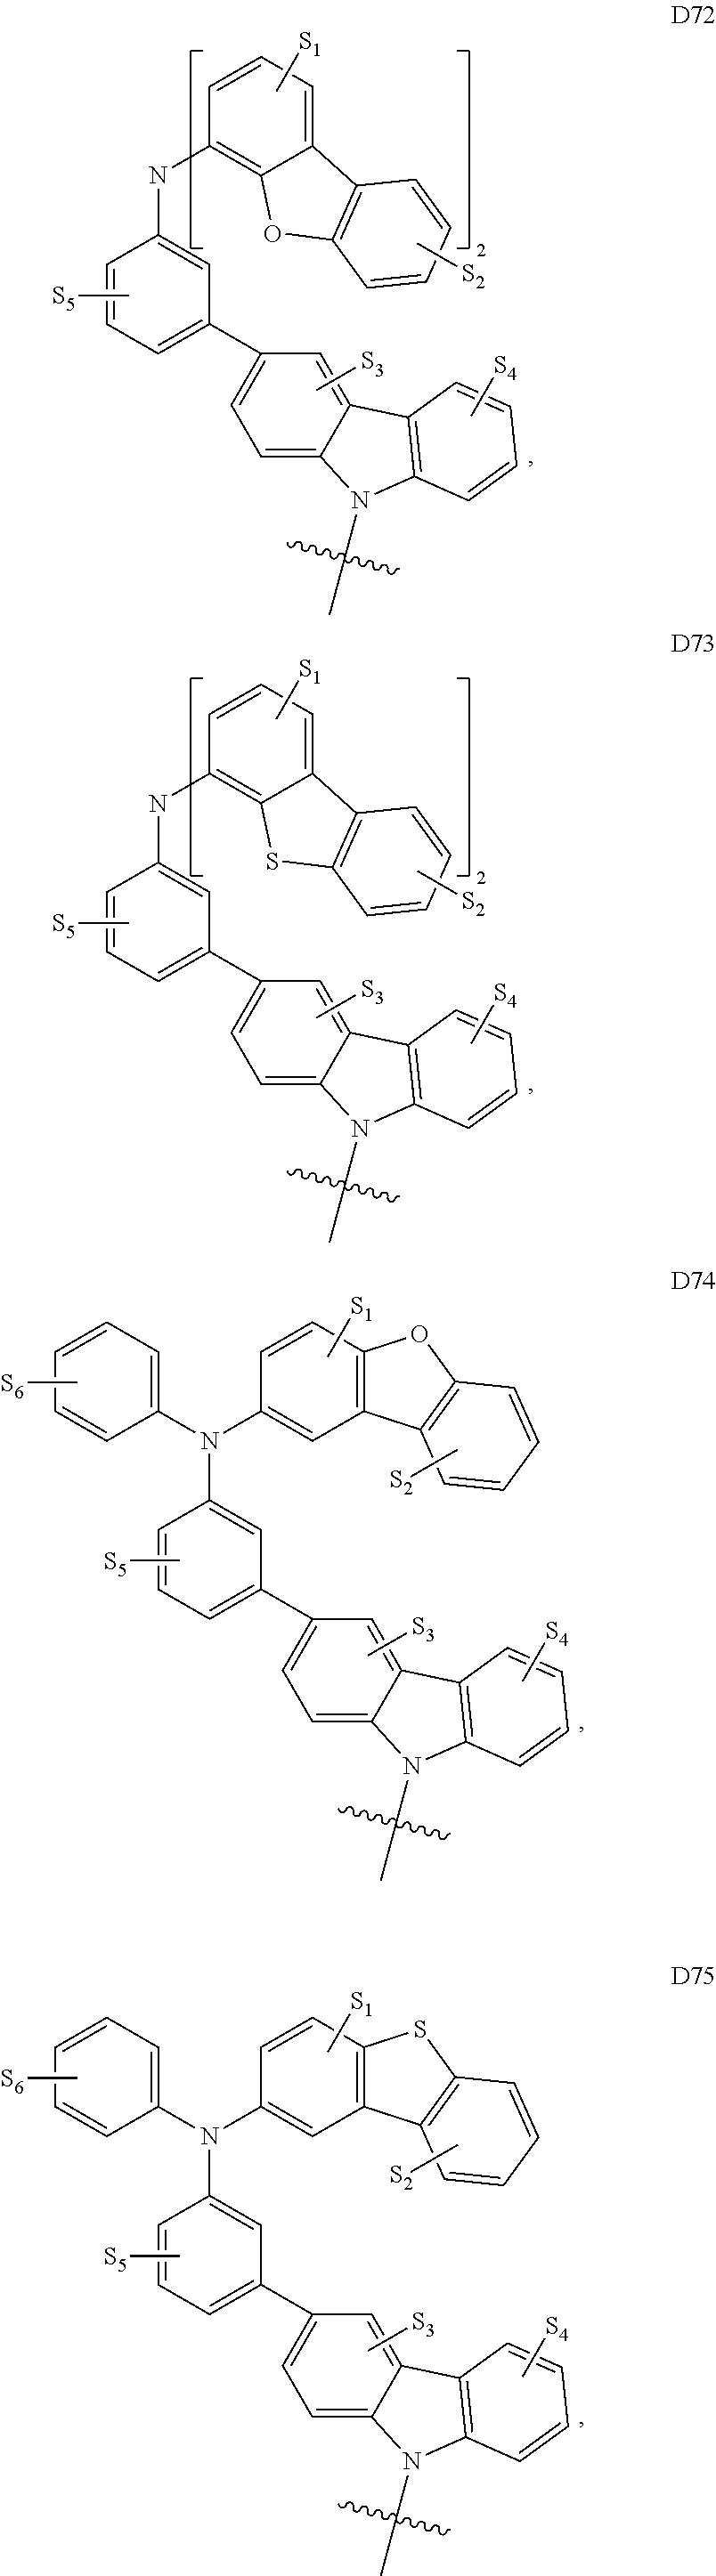 Figure US09537106-20170103-C00585